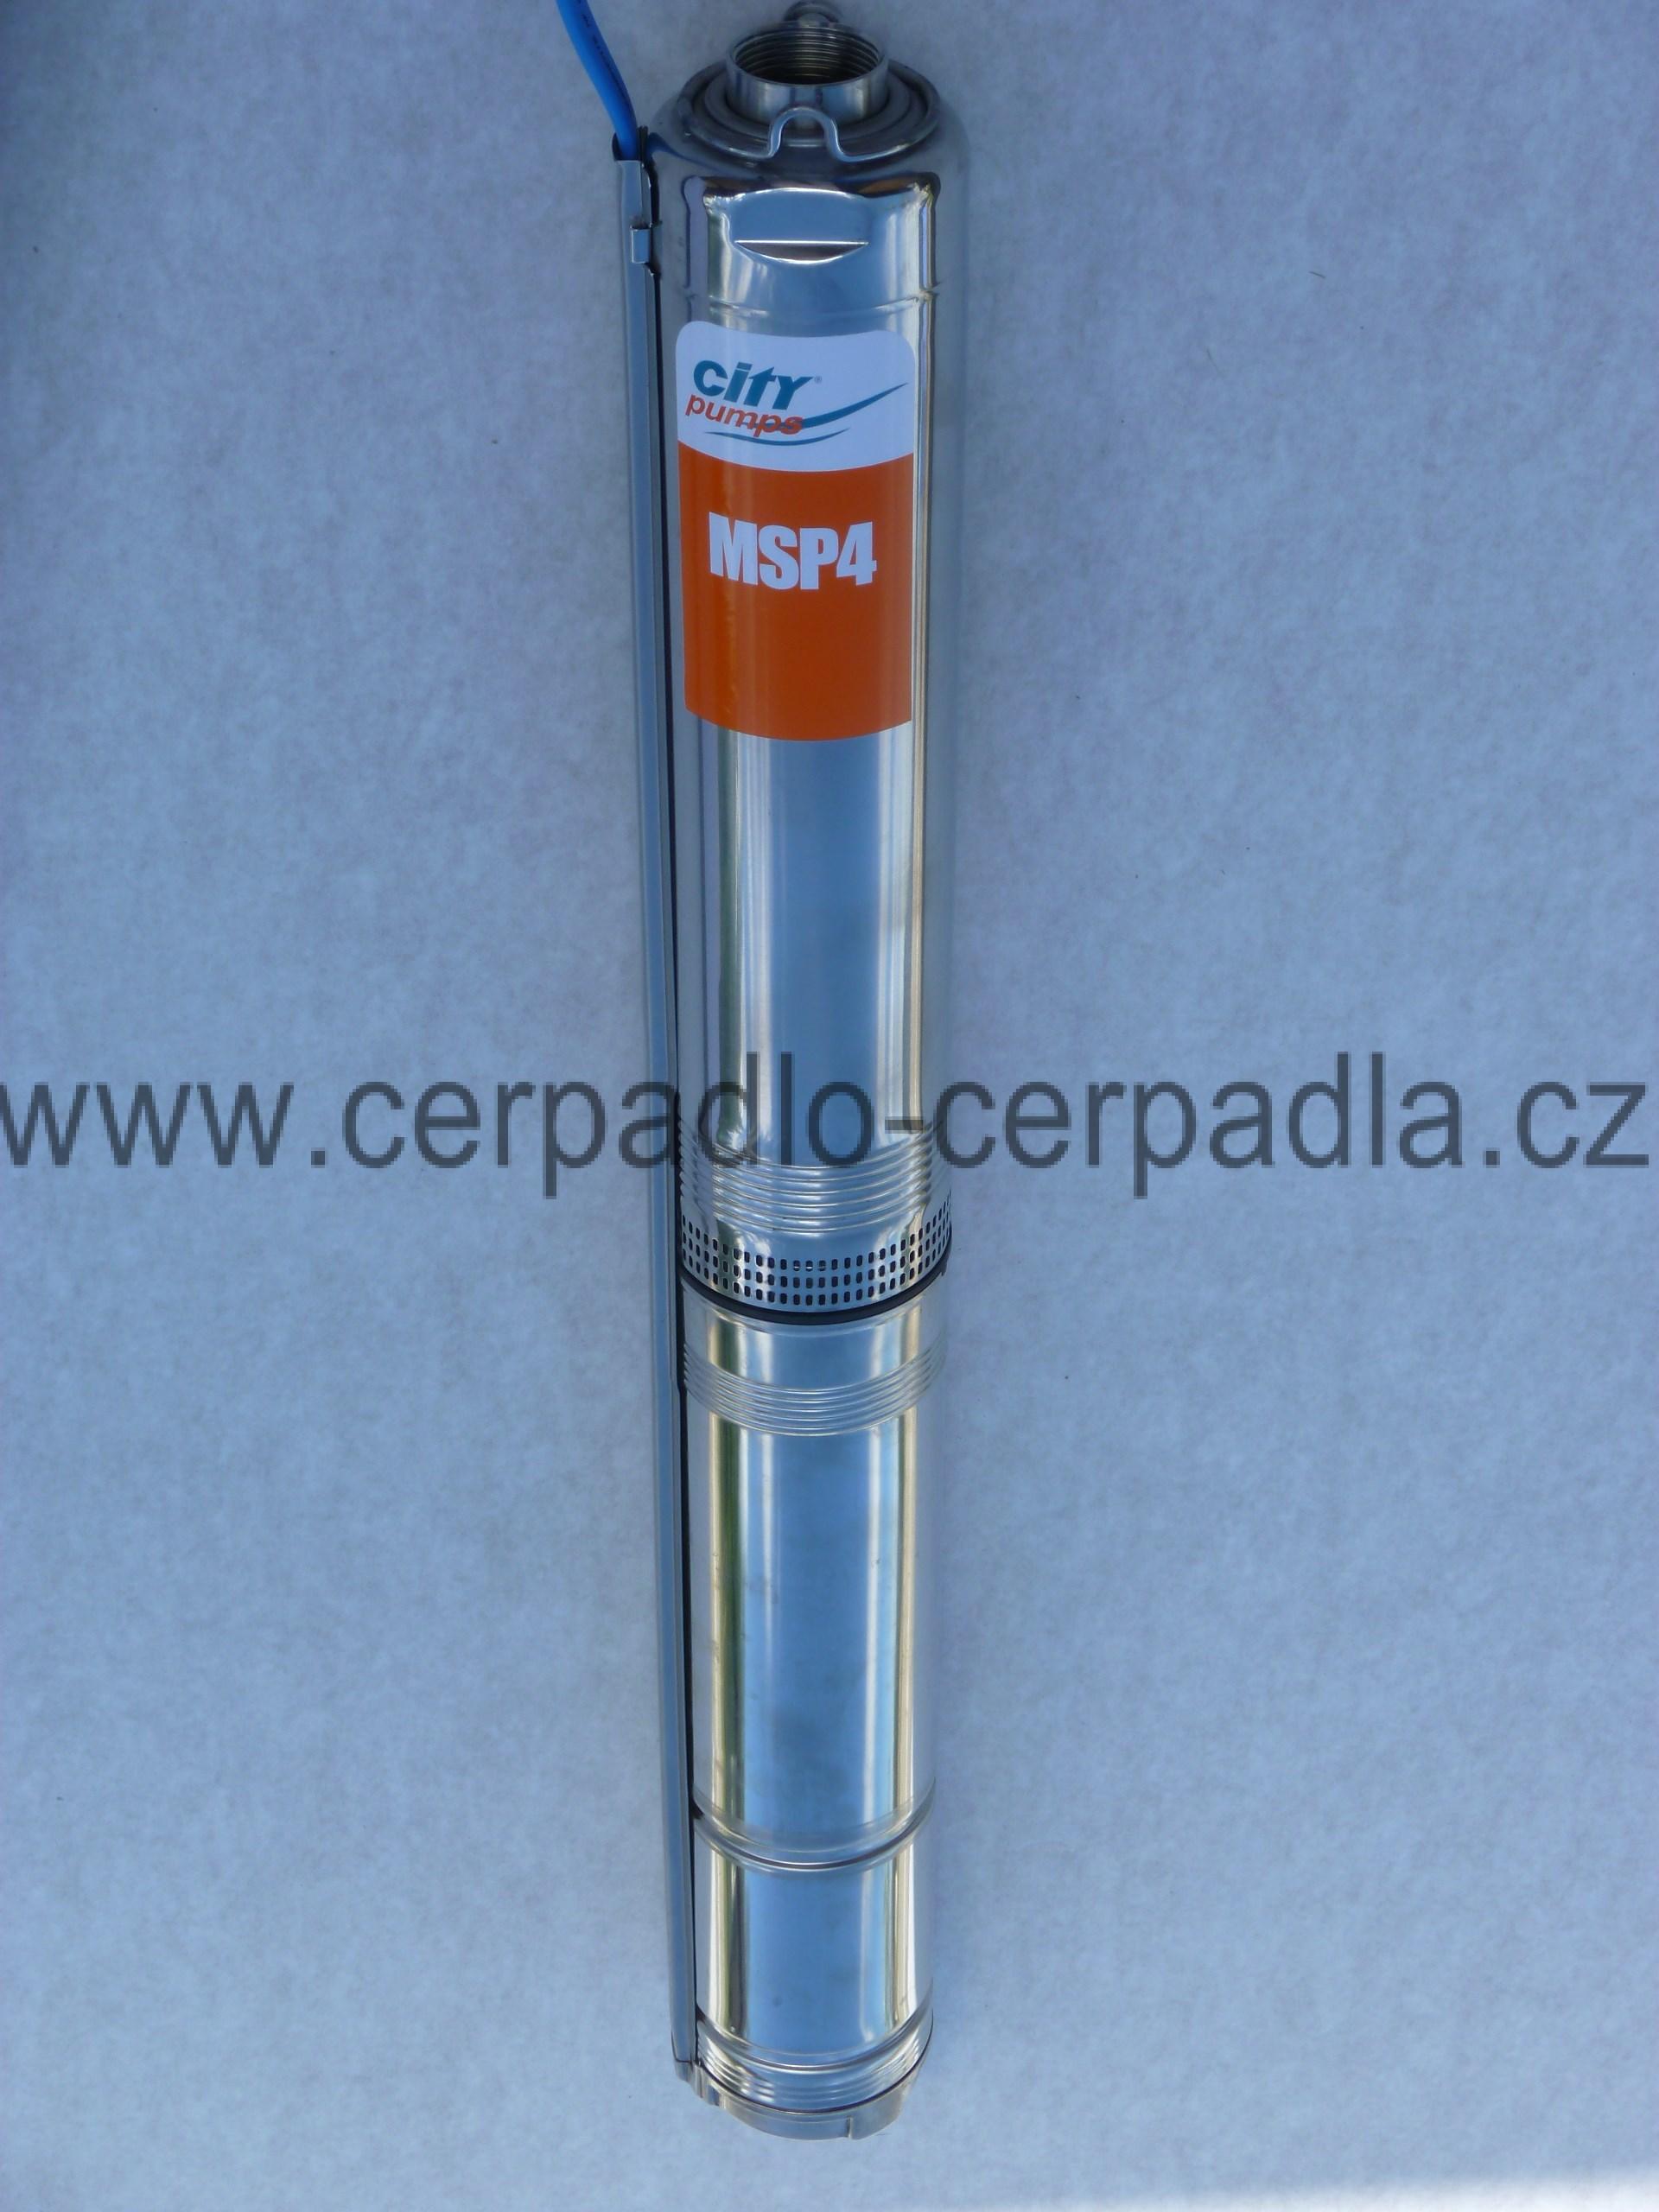 4MSP 15-4 100/92 1,1kW 230V, 20m, čerpadlo City Pumps (DOPRAVA ZDARMA, ponorná čerpadla 4MSP 15-4 100/92, do vrtu)